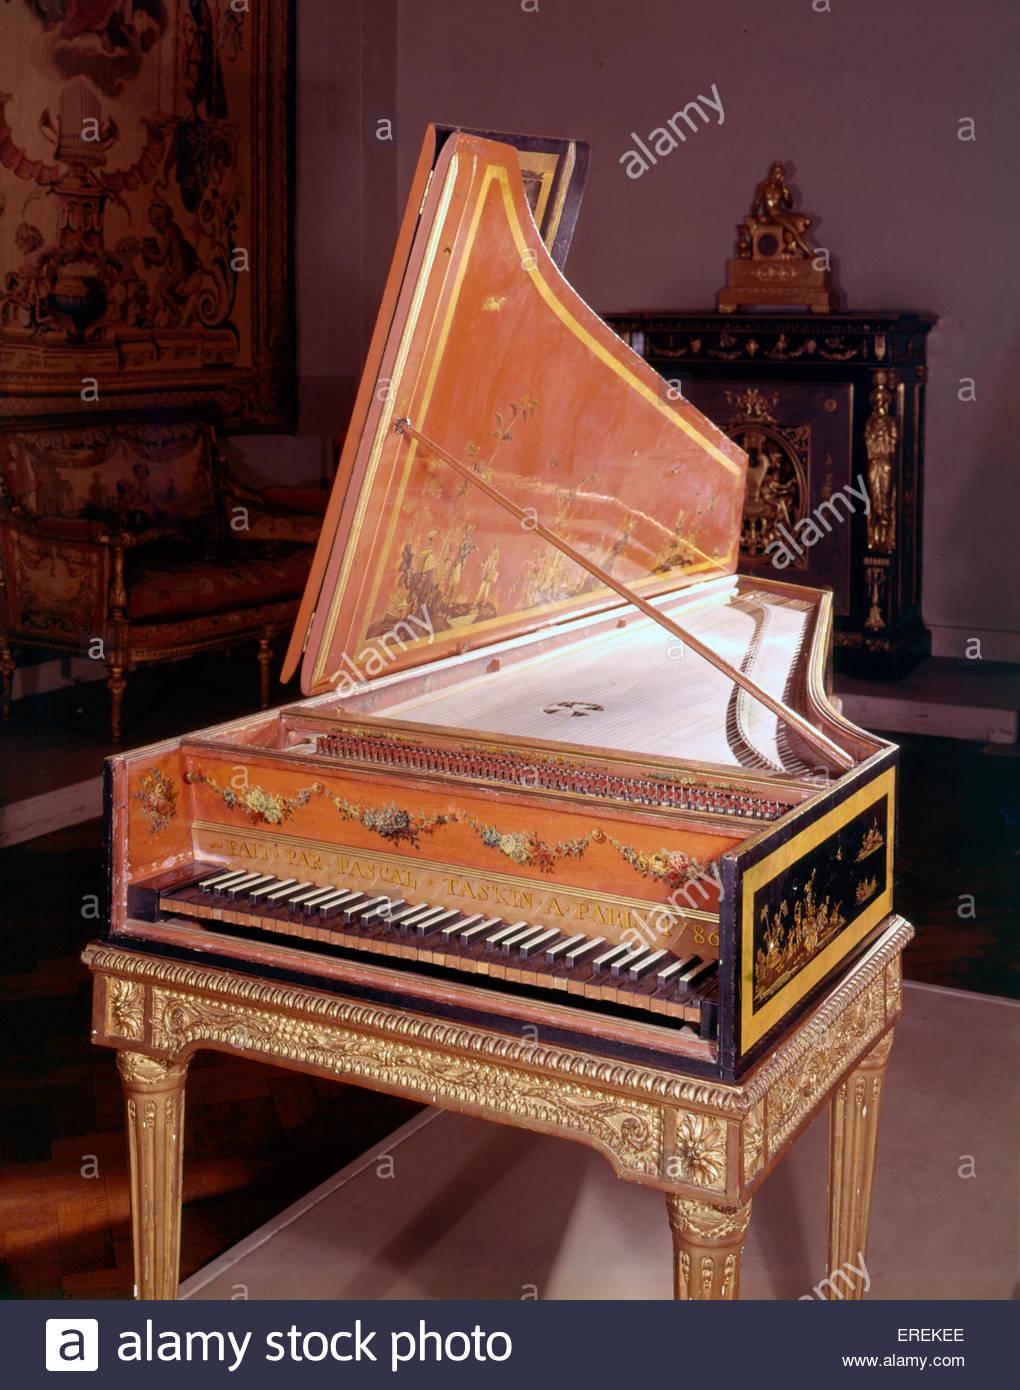 Il clavicembalo, realizzata da Pascal Taskin, Parigi 1786. (V& un museo, Londra). Immagini Stock